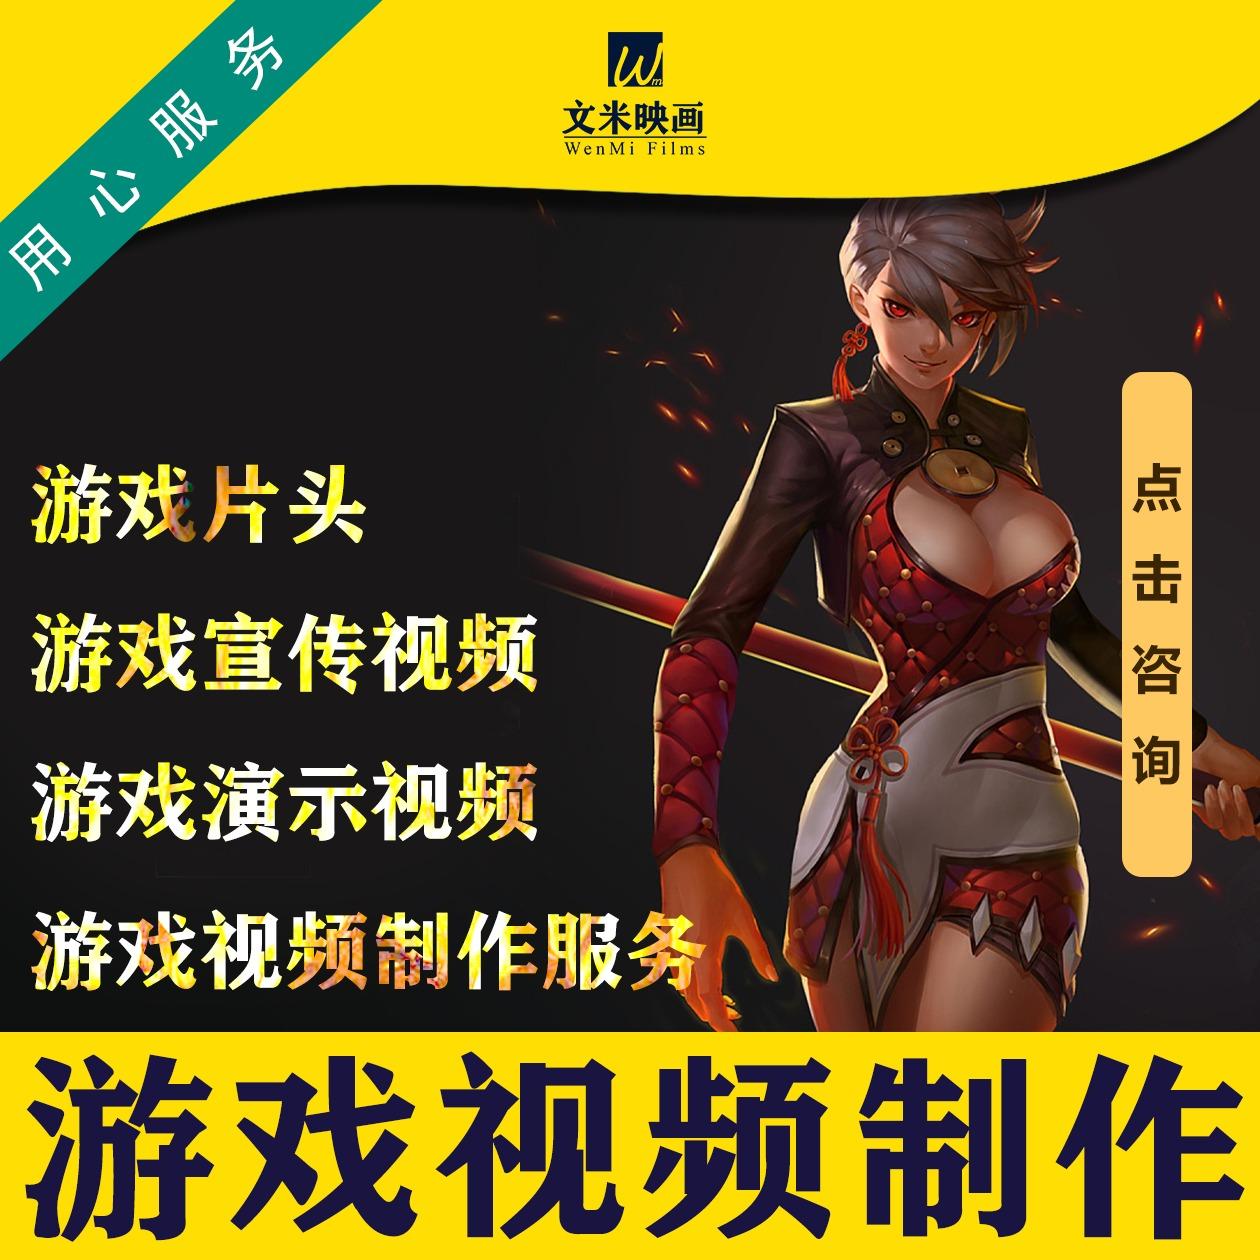 游戏视频游戏演示视频三维动画二维动画设计制作后期剪辑